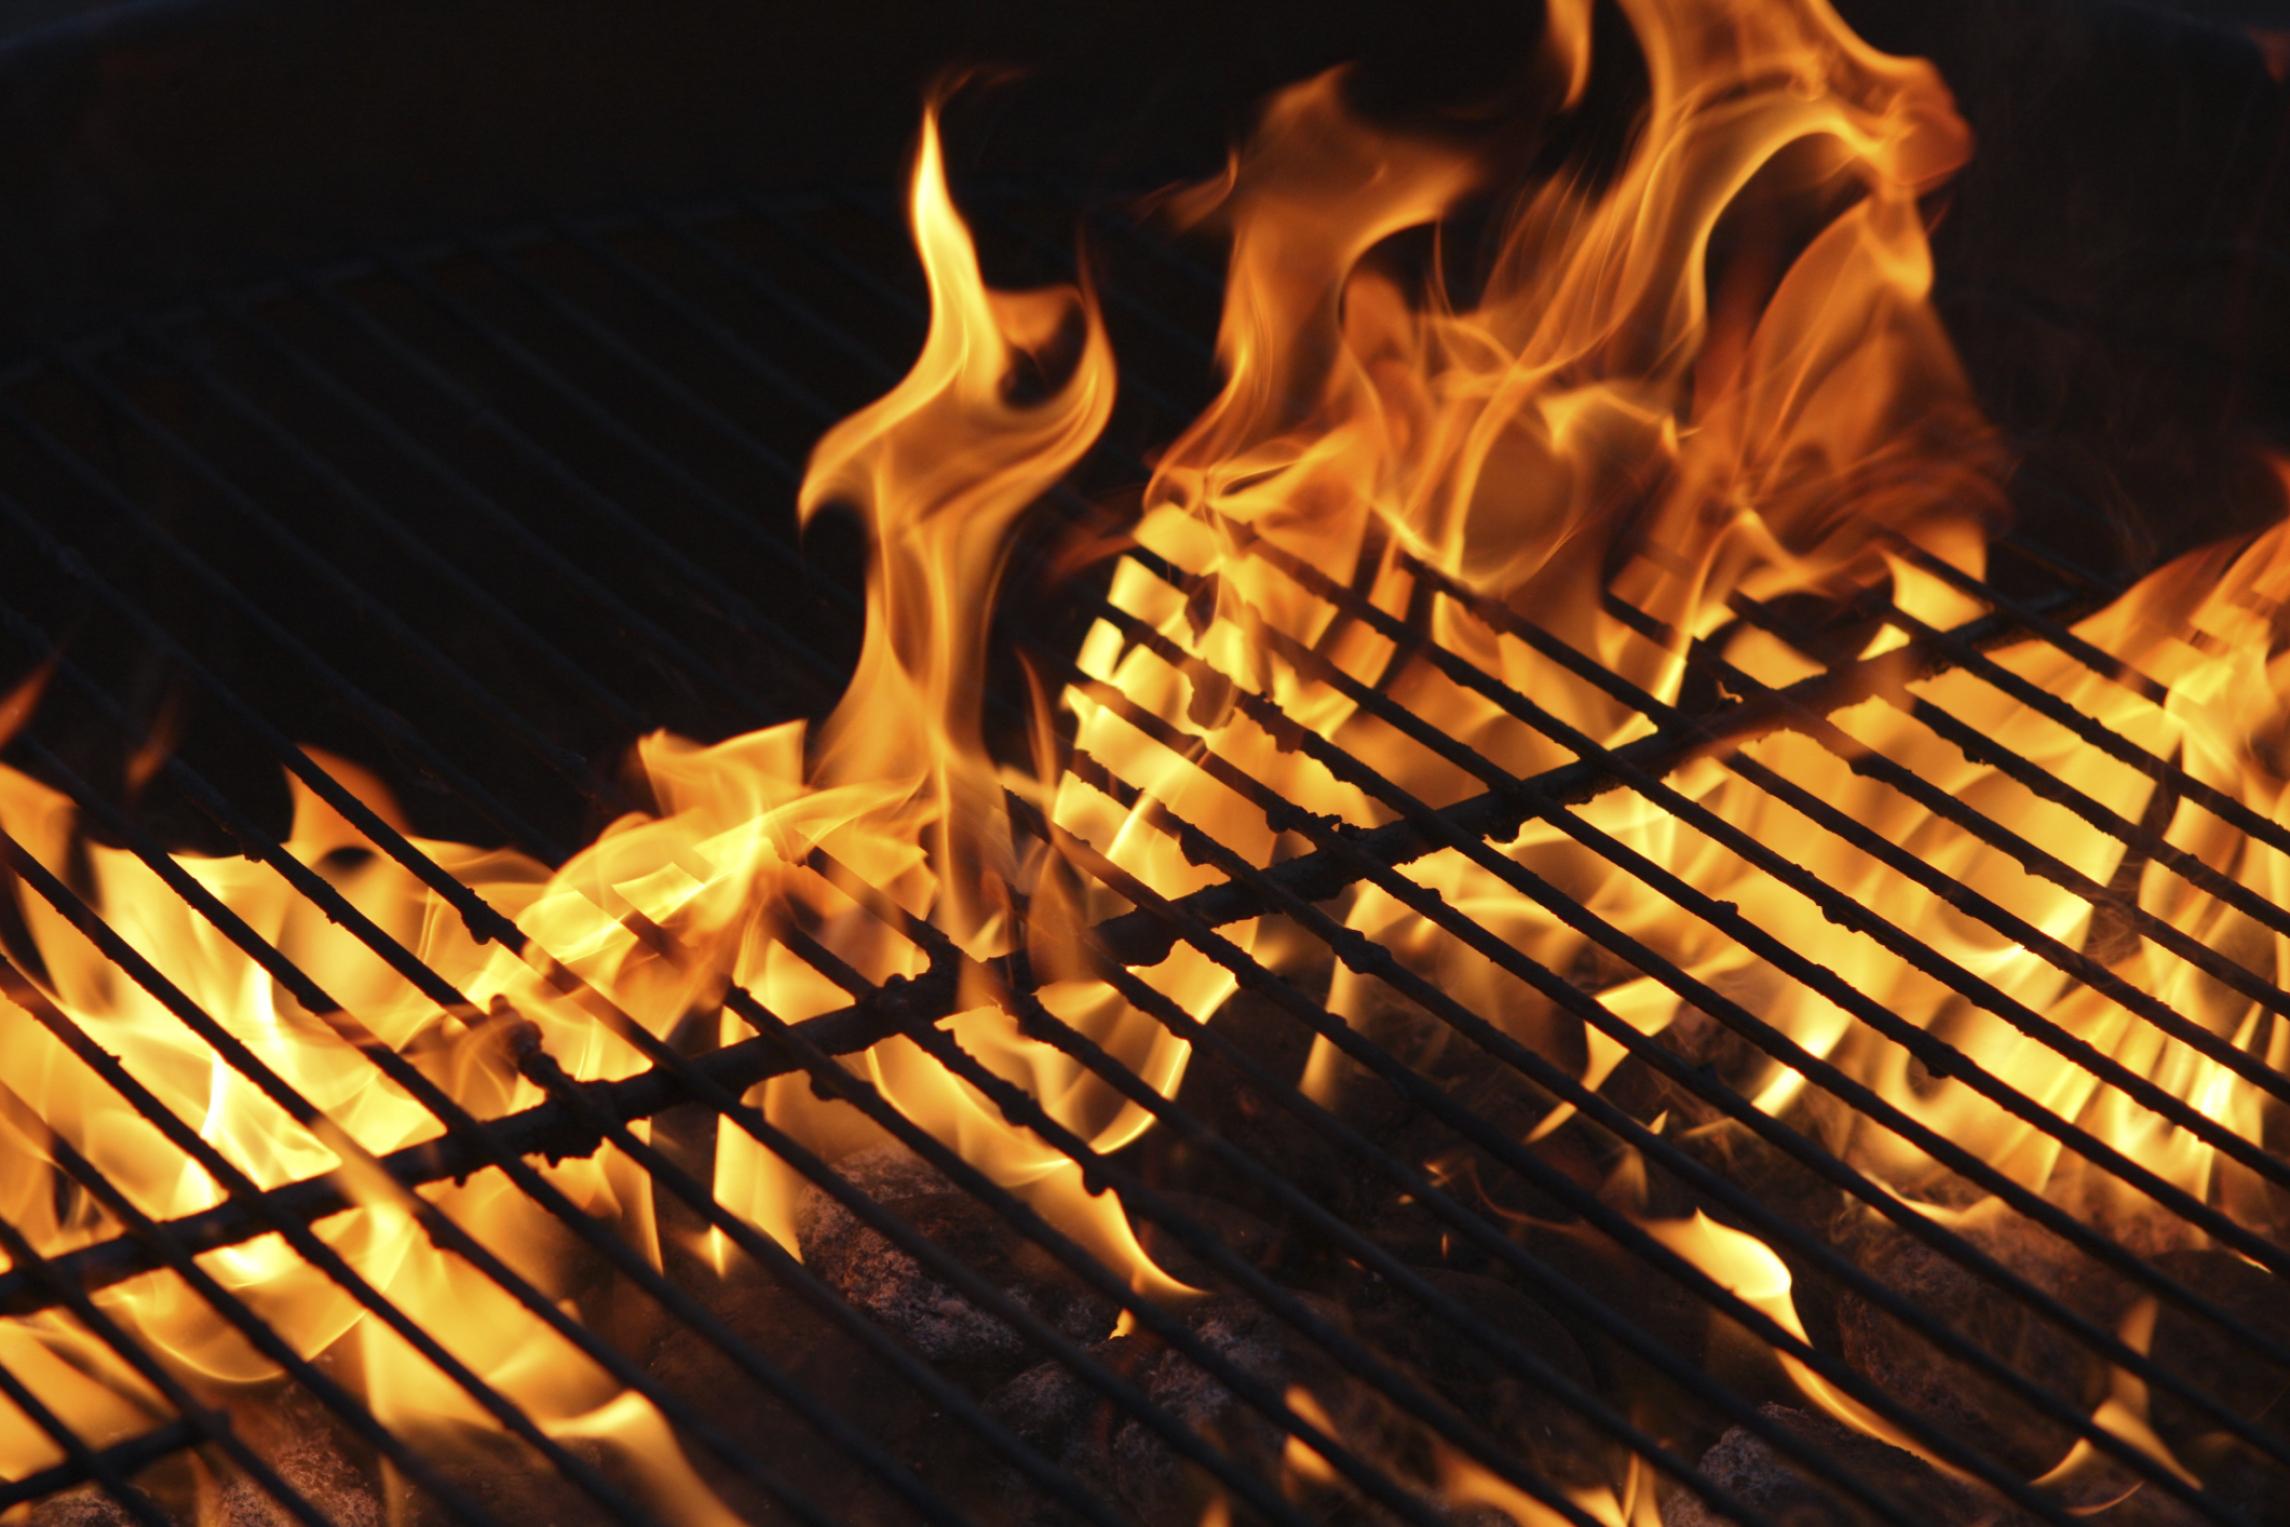 Advantages & Disadvantages of Fire